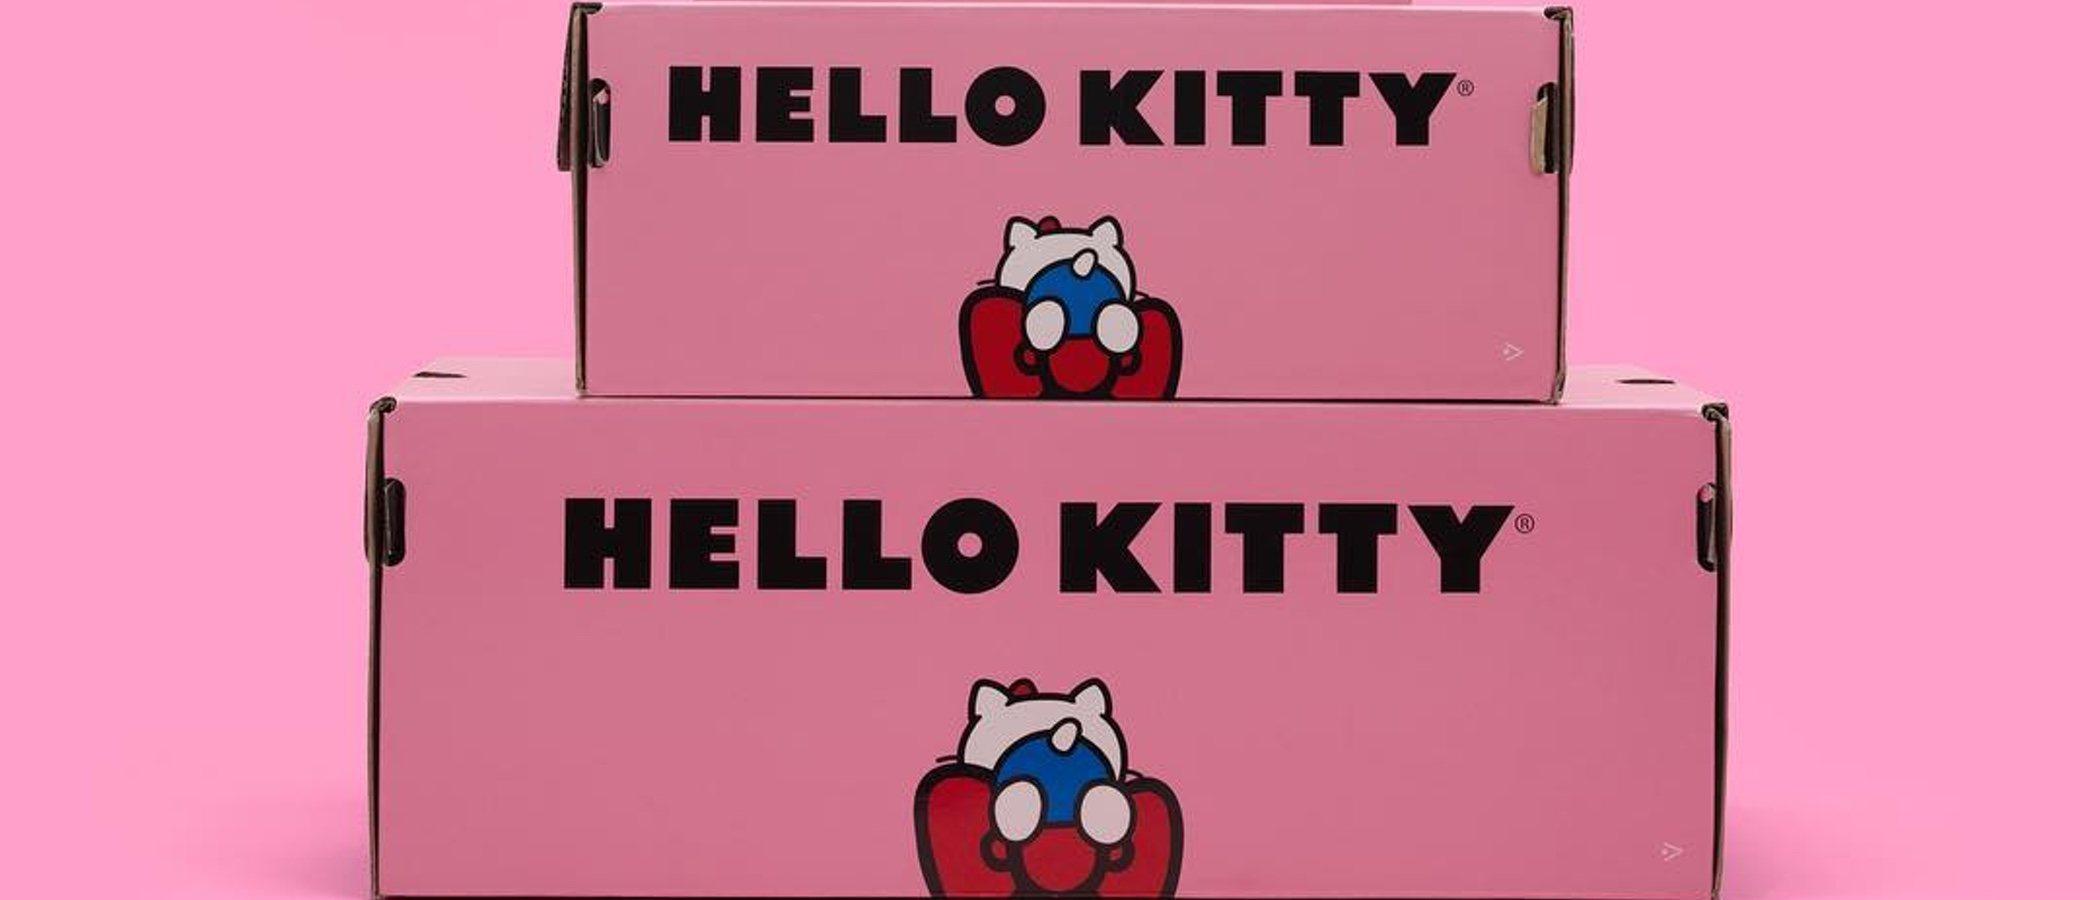 Converse se alía con Hello Kitty con diseños de su mítico modelo de zapatillas